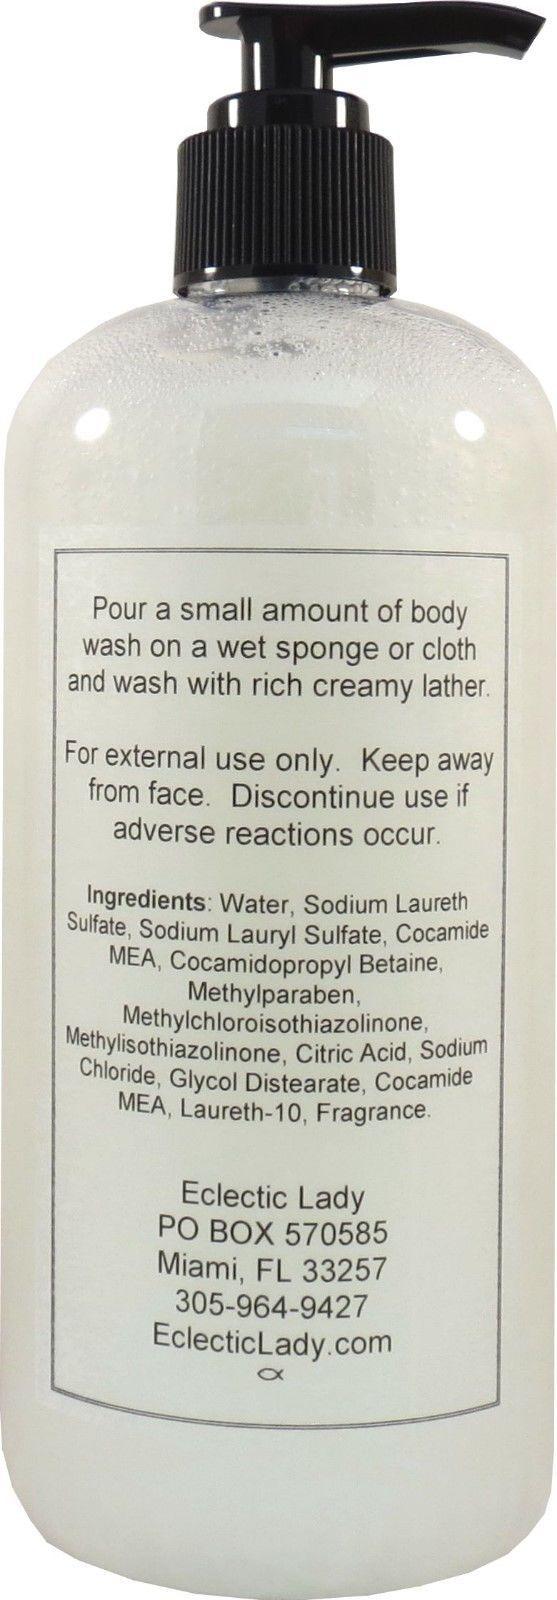 Clementine Lavender Body Wash